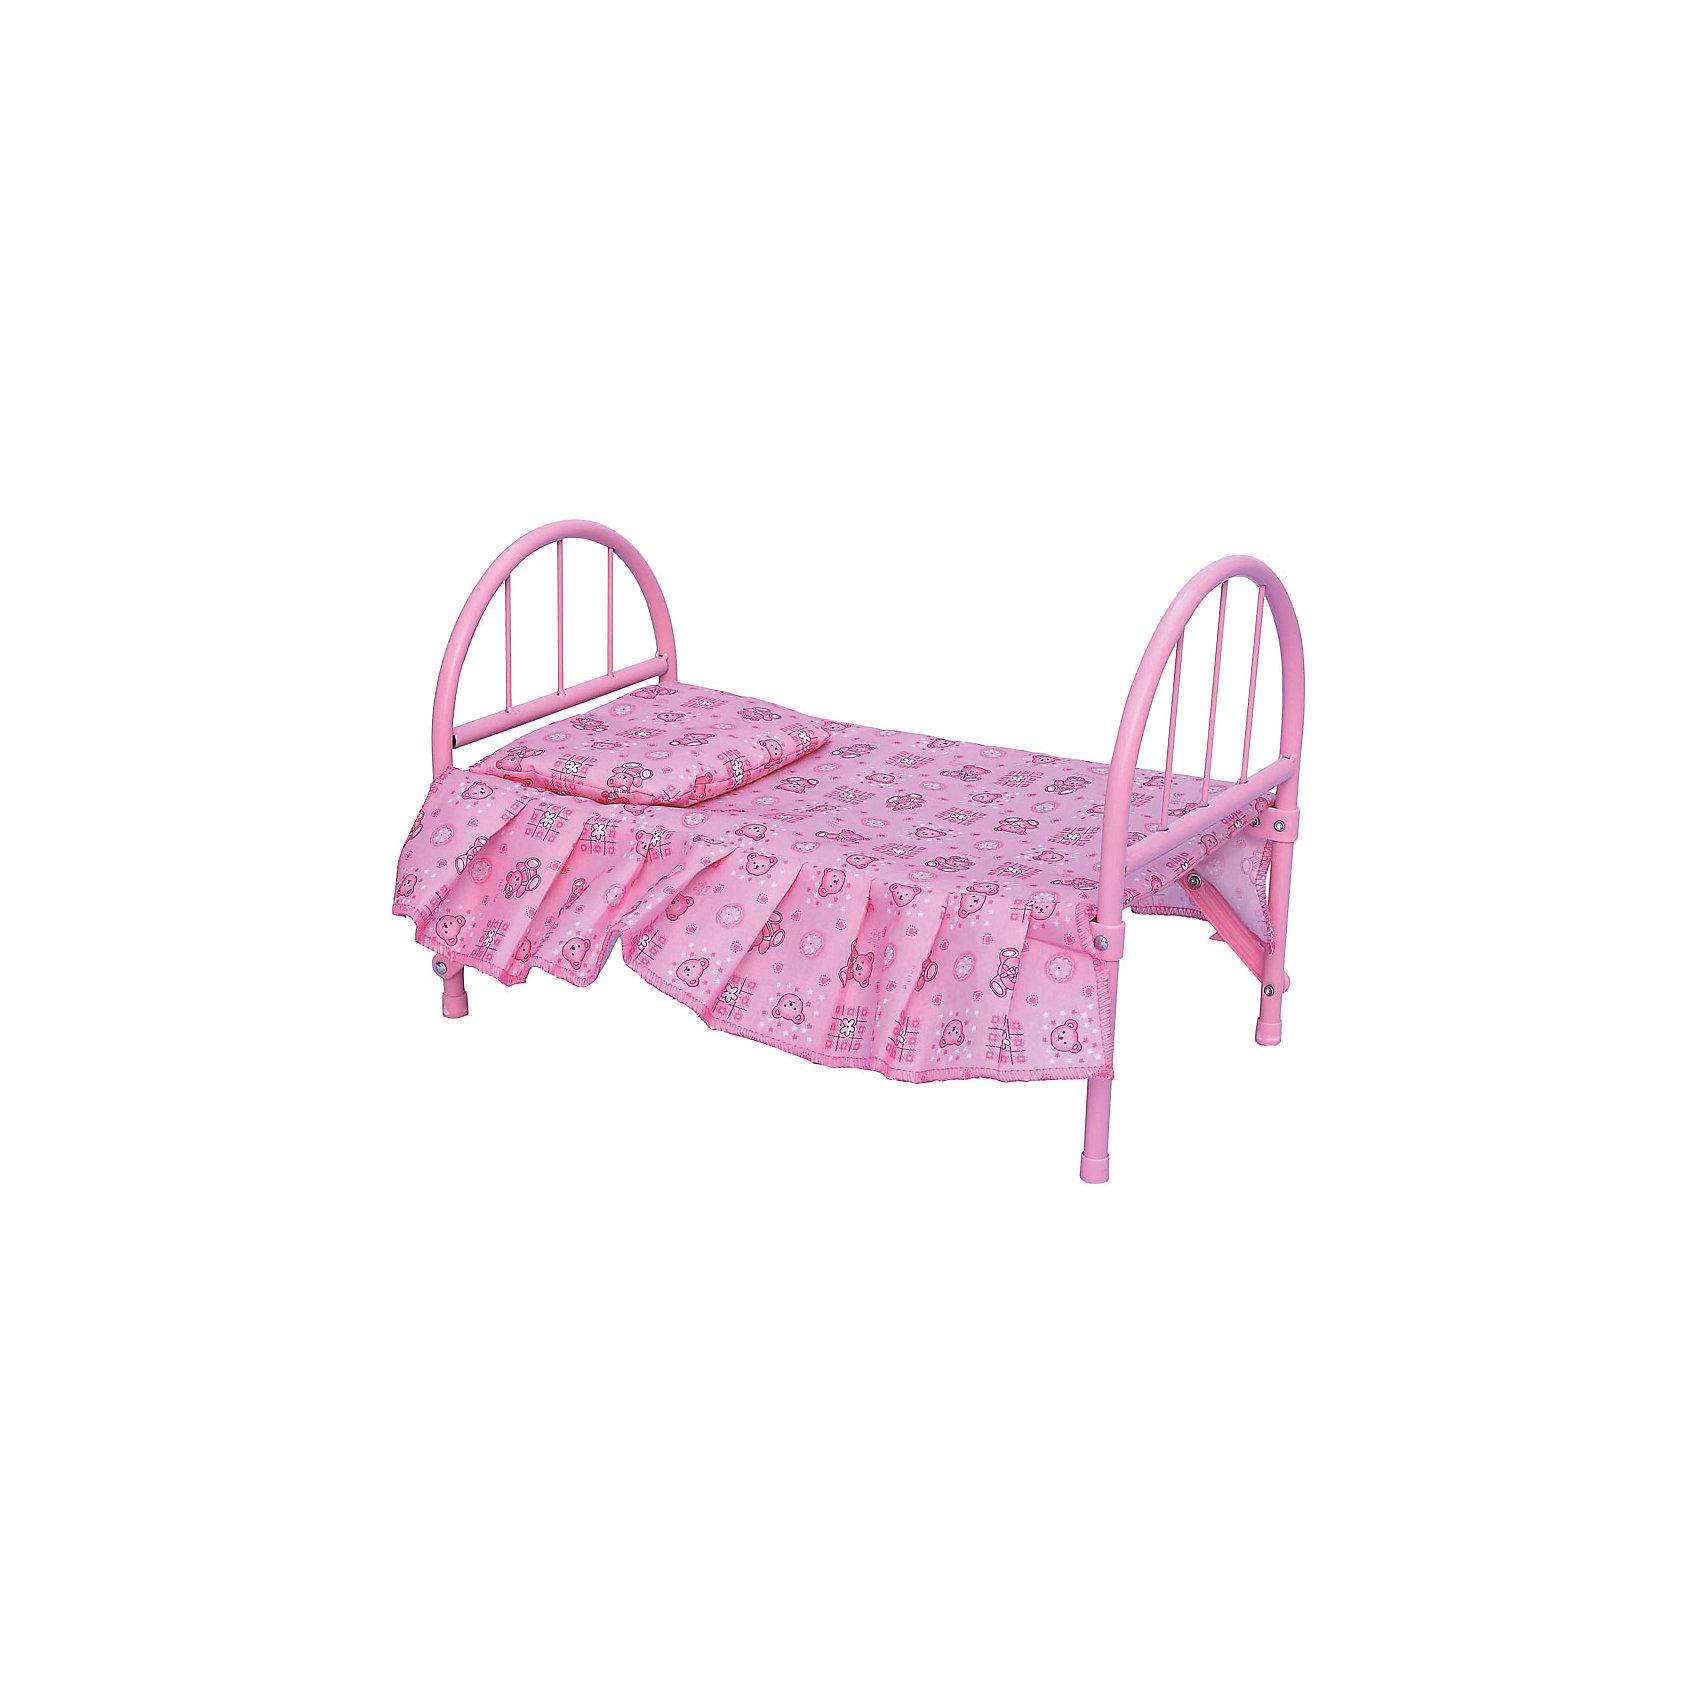 Кровать для куклы, 46*25*32 смДомики и мебель<br>Кровать для куклы 46*25*32 см (Китай)<br><br>Ширина мм: 460<br>Глубина мм: 270<br>Высота мм: 320<br>Вес г: 895<br>Возраст от месяцев: 36<br>Возраст до месяцев: 96<br>Пол: Женский<br>Возраст: Детский<br>SKU: 4642013